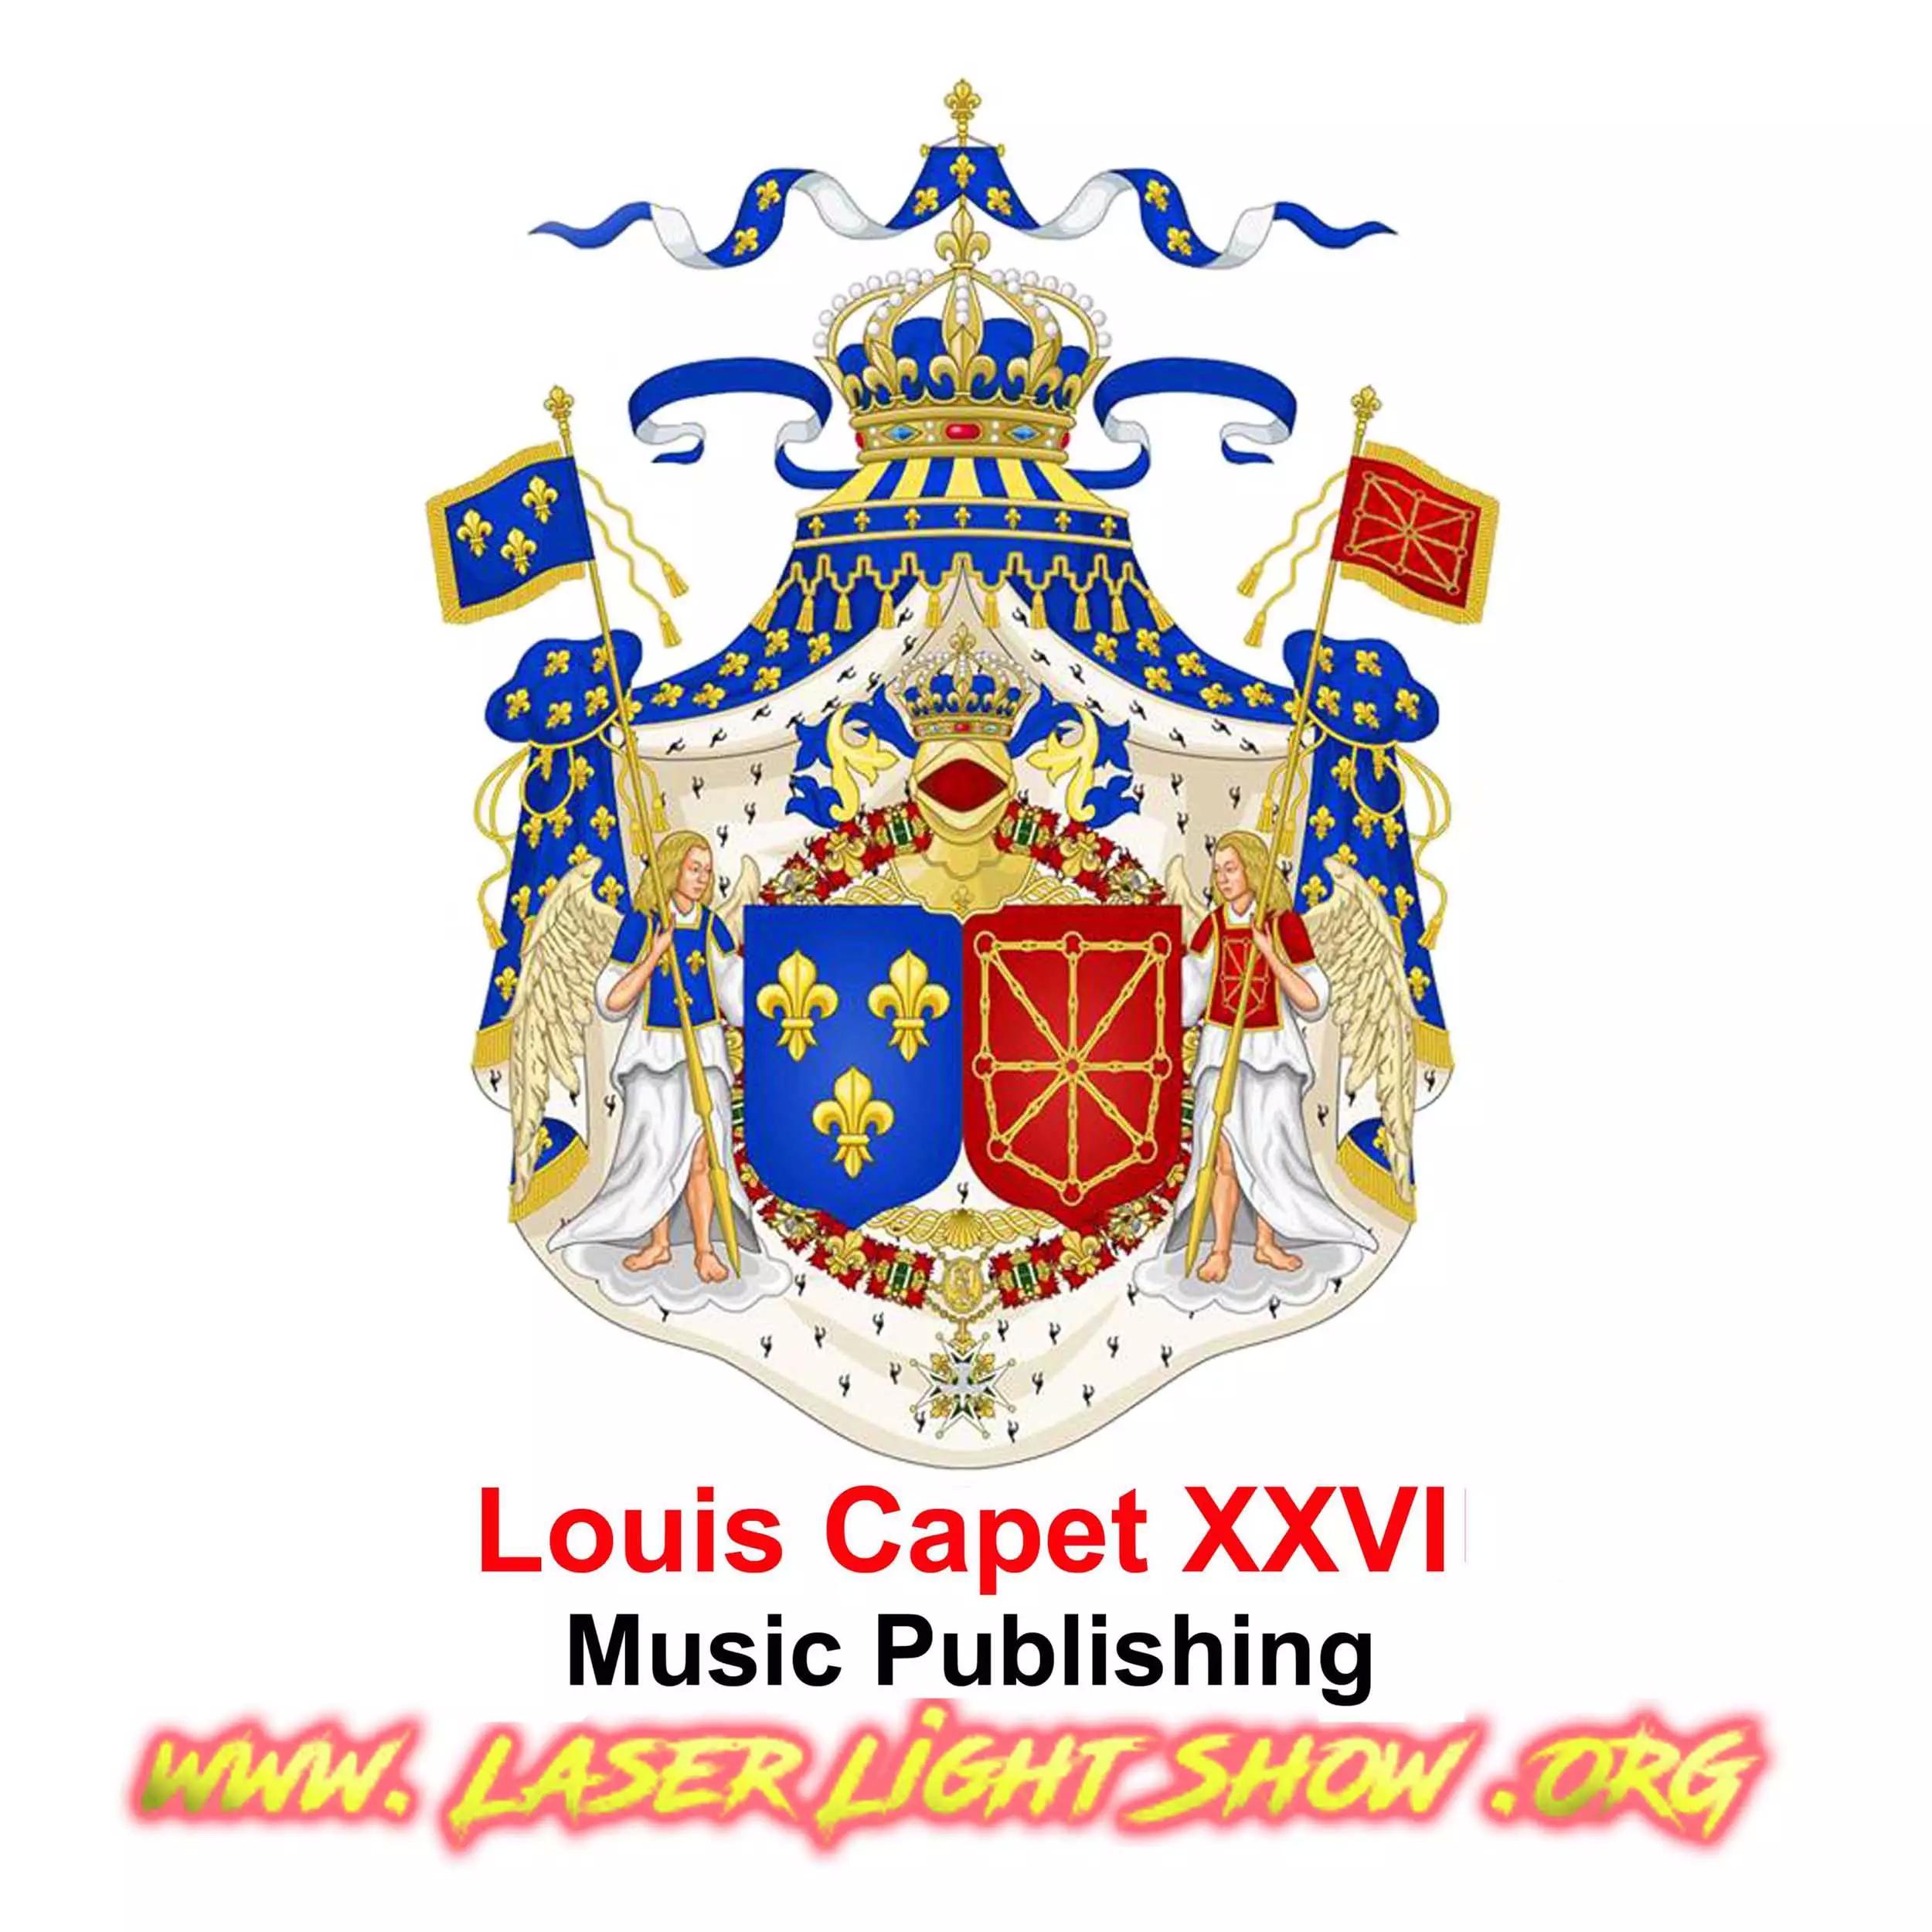 Louis-Capet-XXVI-Music-Publishing-beatport-spec-2500-x-2500